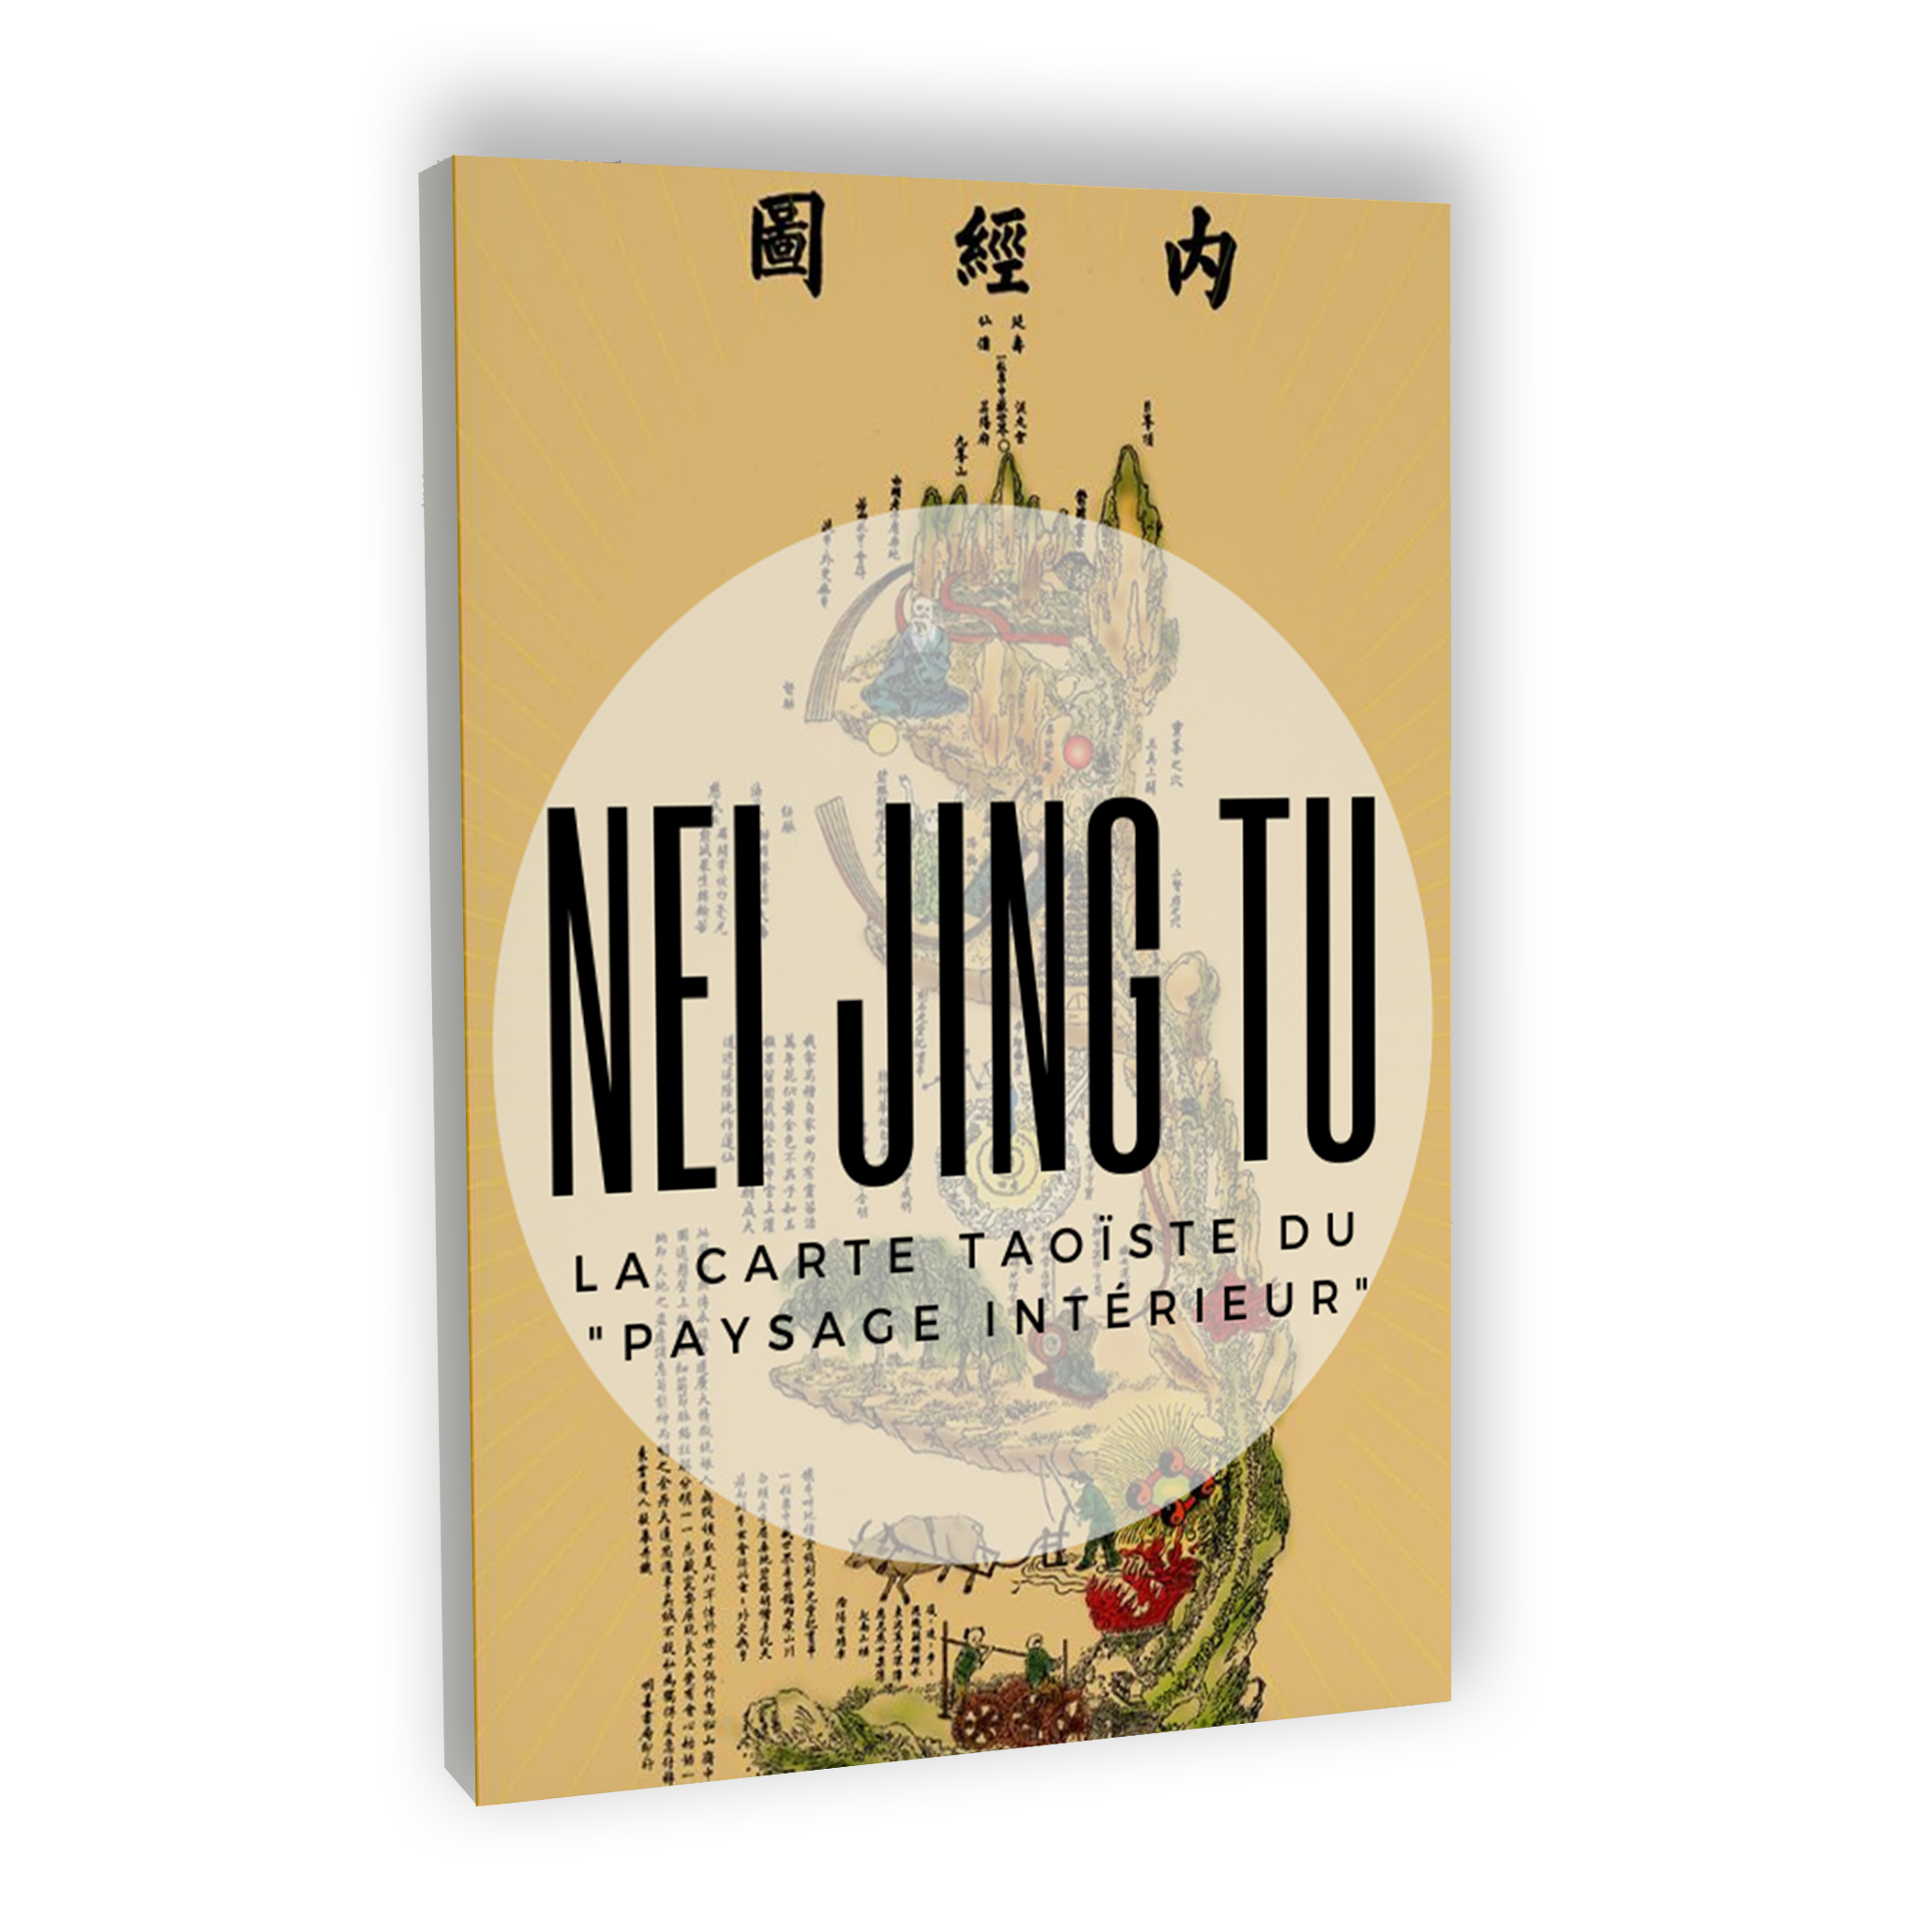 La carte taoiste du paysage interieur ebook